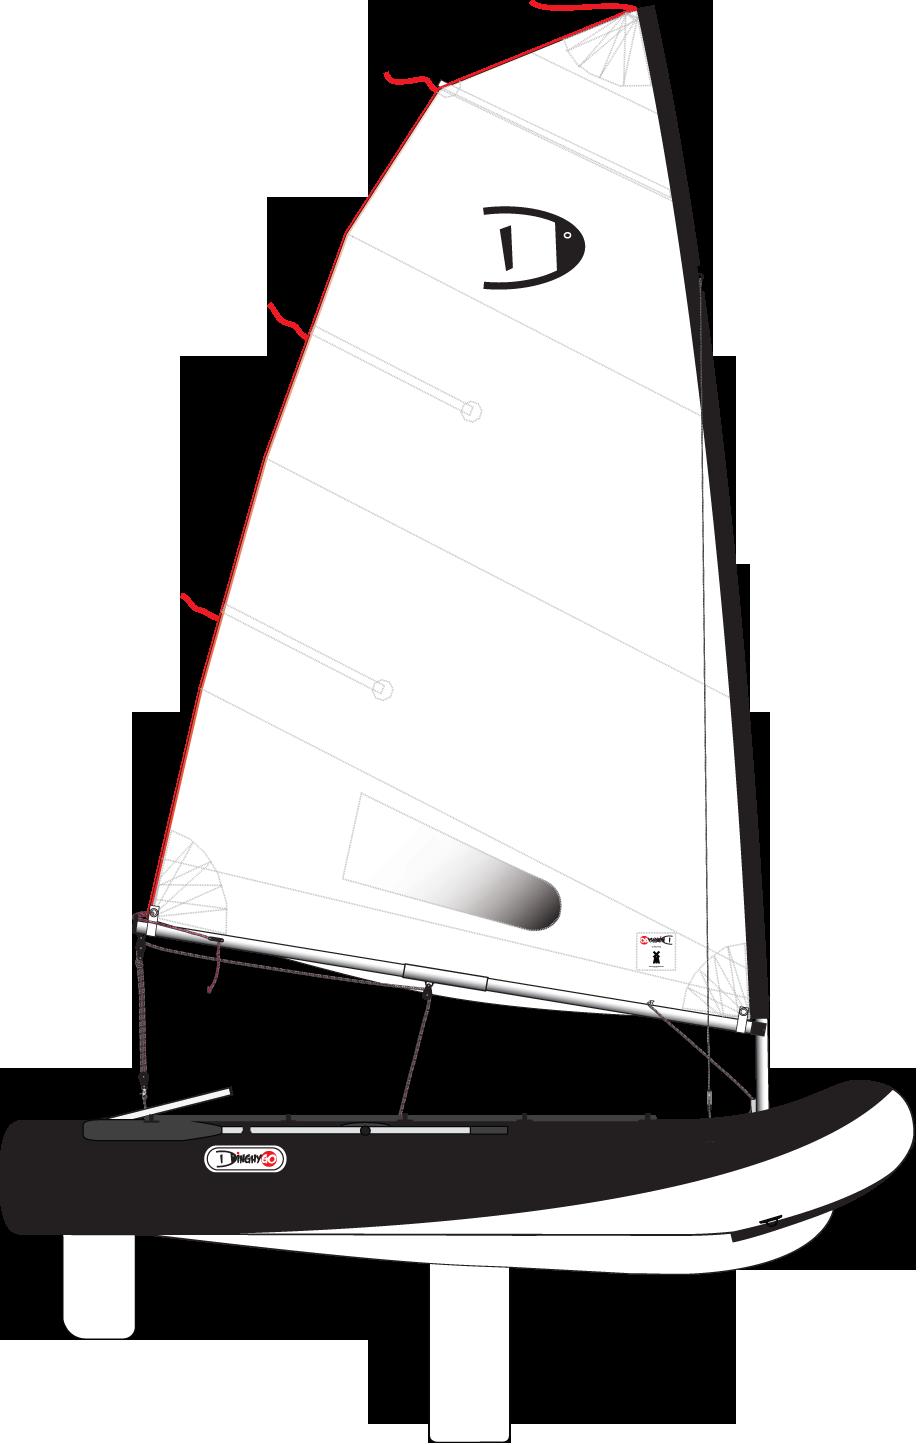 DinghyGo Orca (livraison avril)